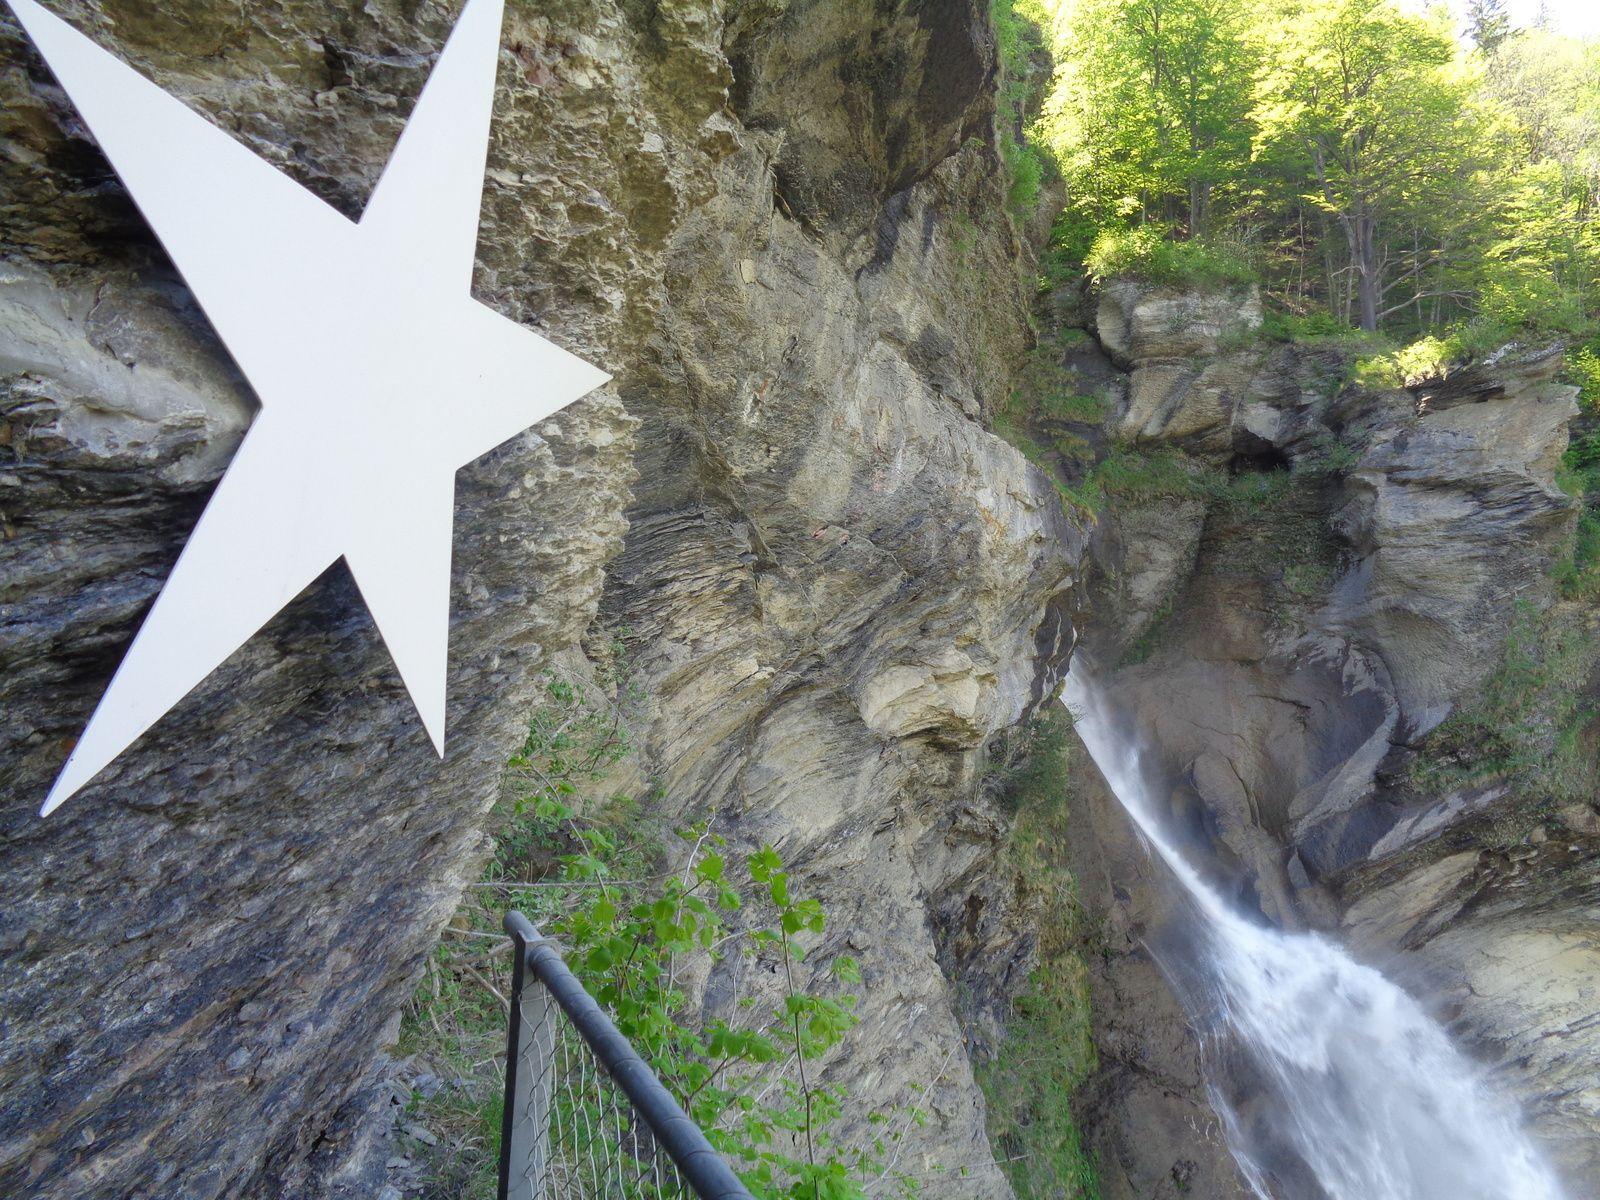 Rencontres holmésiennes en Suisse : 2e jour